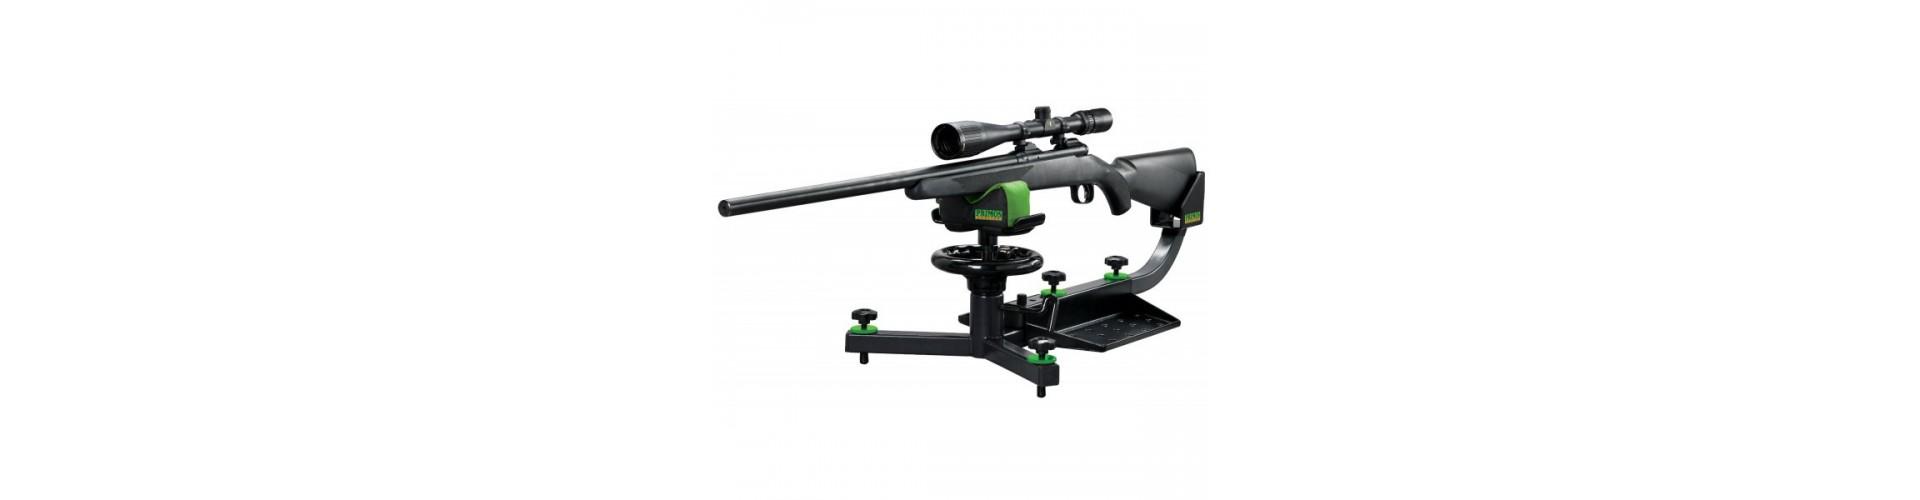 Skydebænk - Køb billige skydebænke i god kvalitet til præcis indskydning